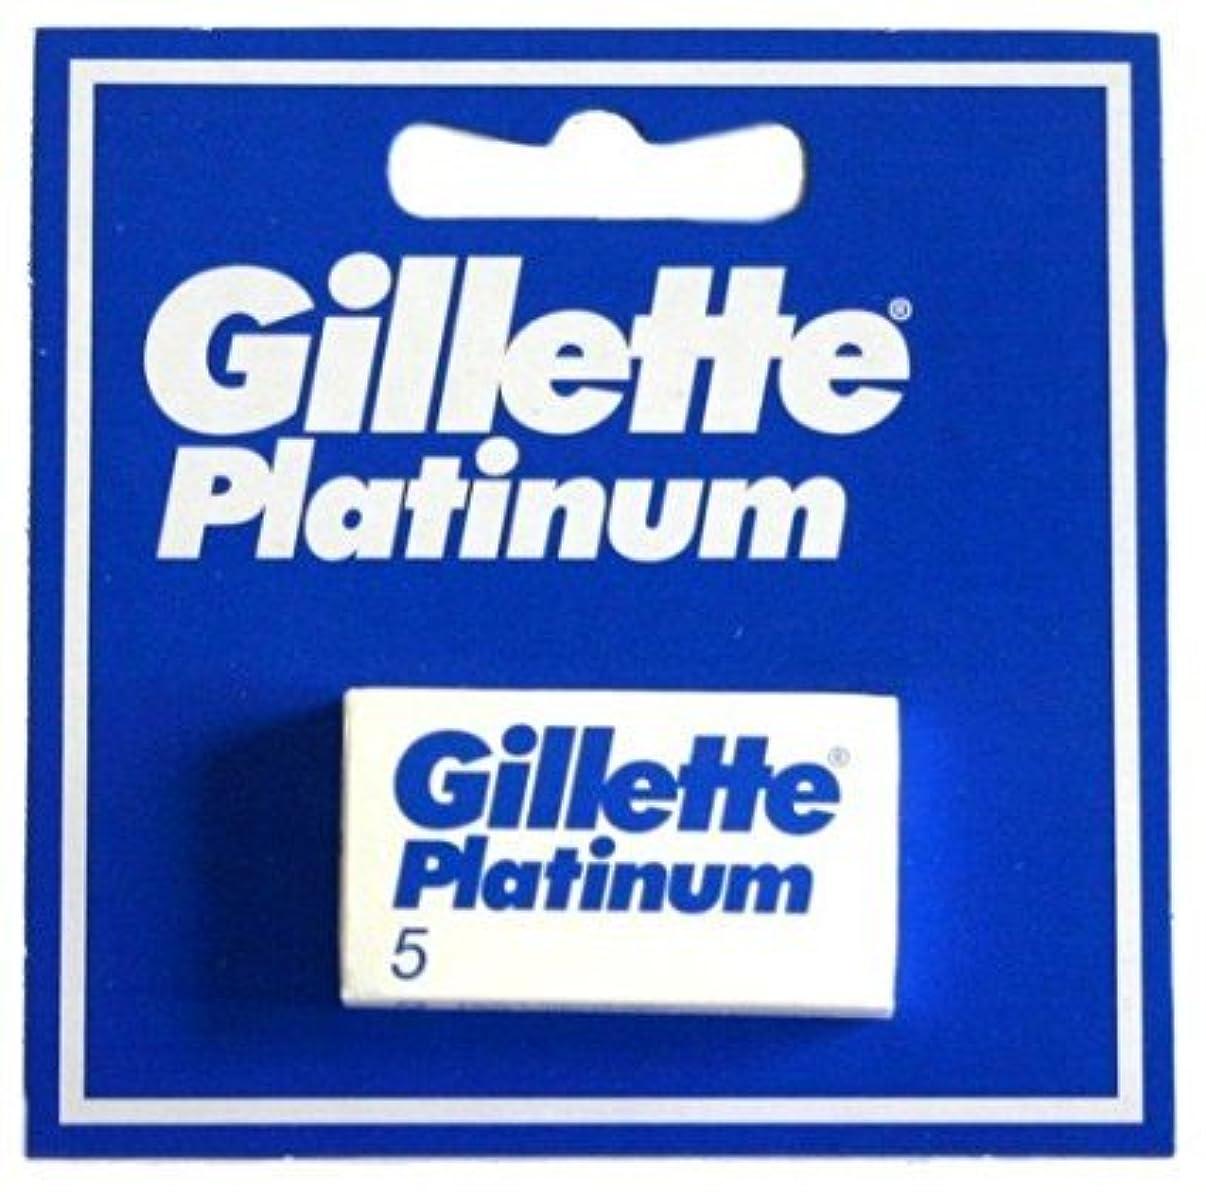 囲むドア古代Gillette Platinum [プレミアムホワイトボックス版!] ジレット プラチナ 両刃替刃 20個入り (5*4) [海外直送品] [並行輸入品]